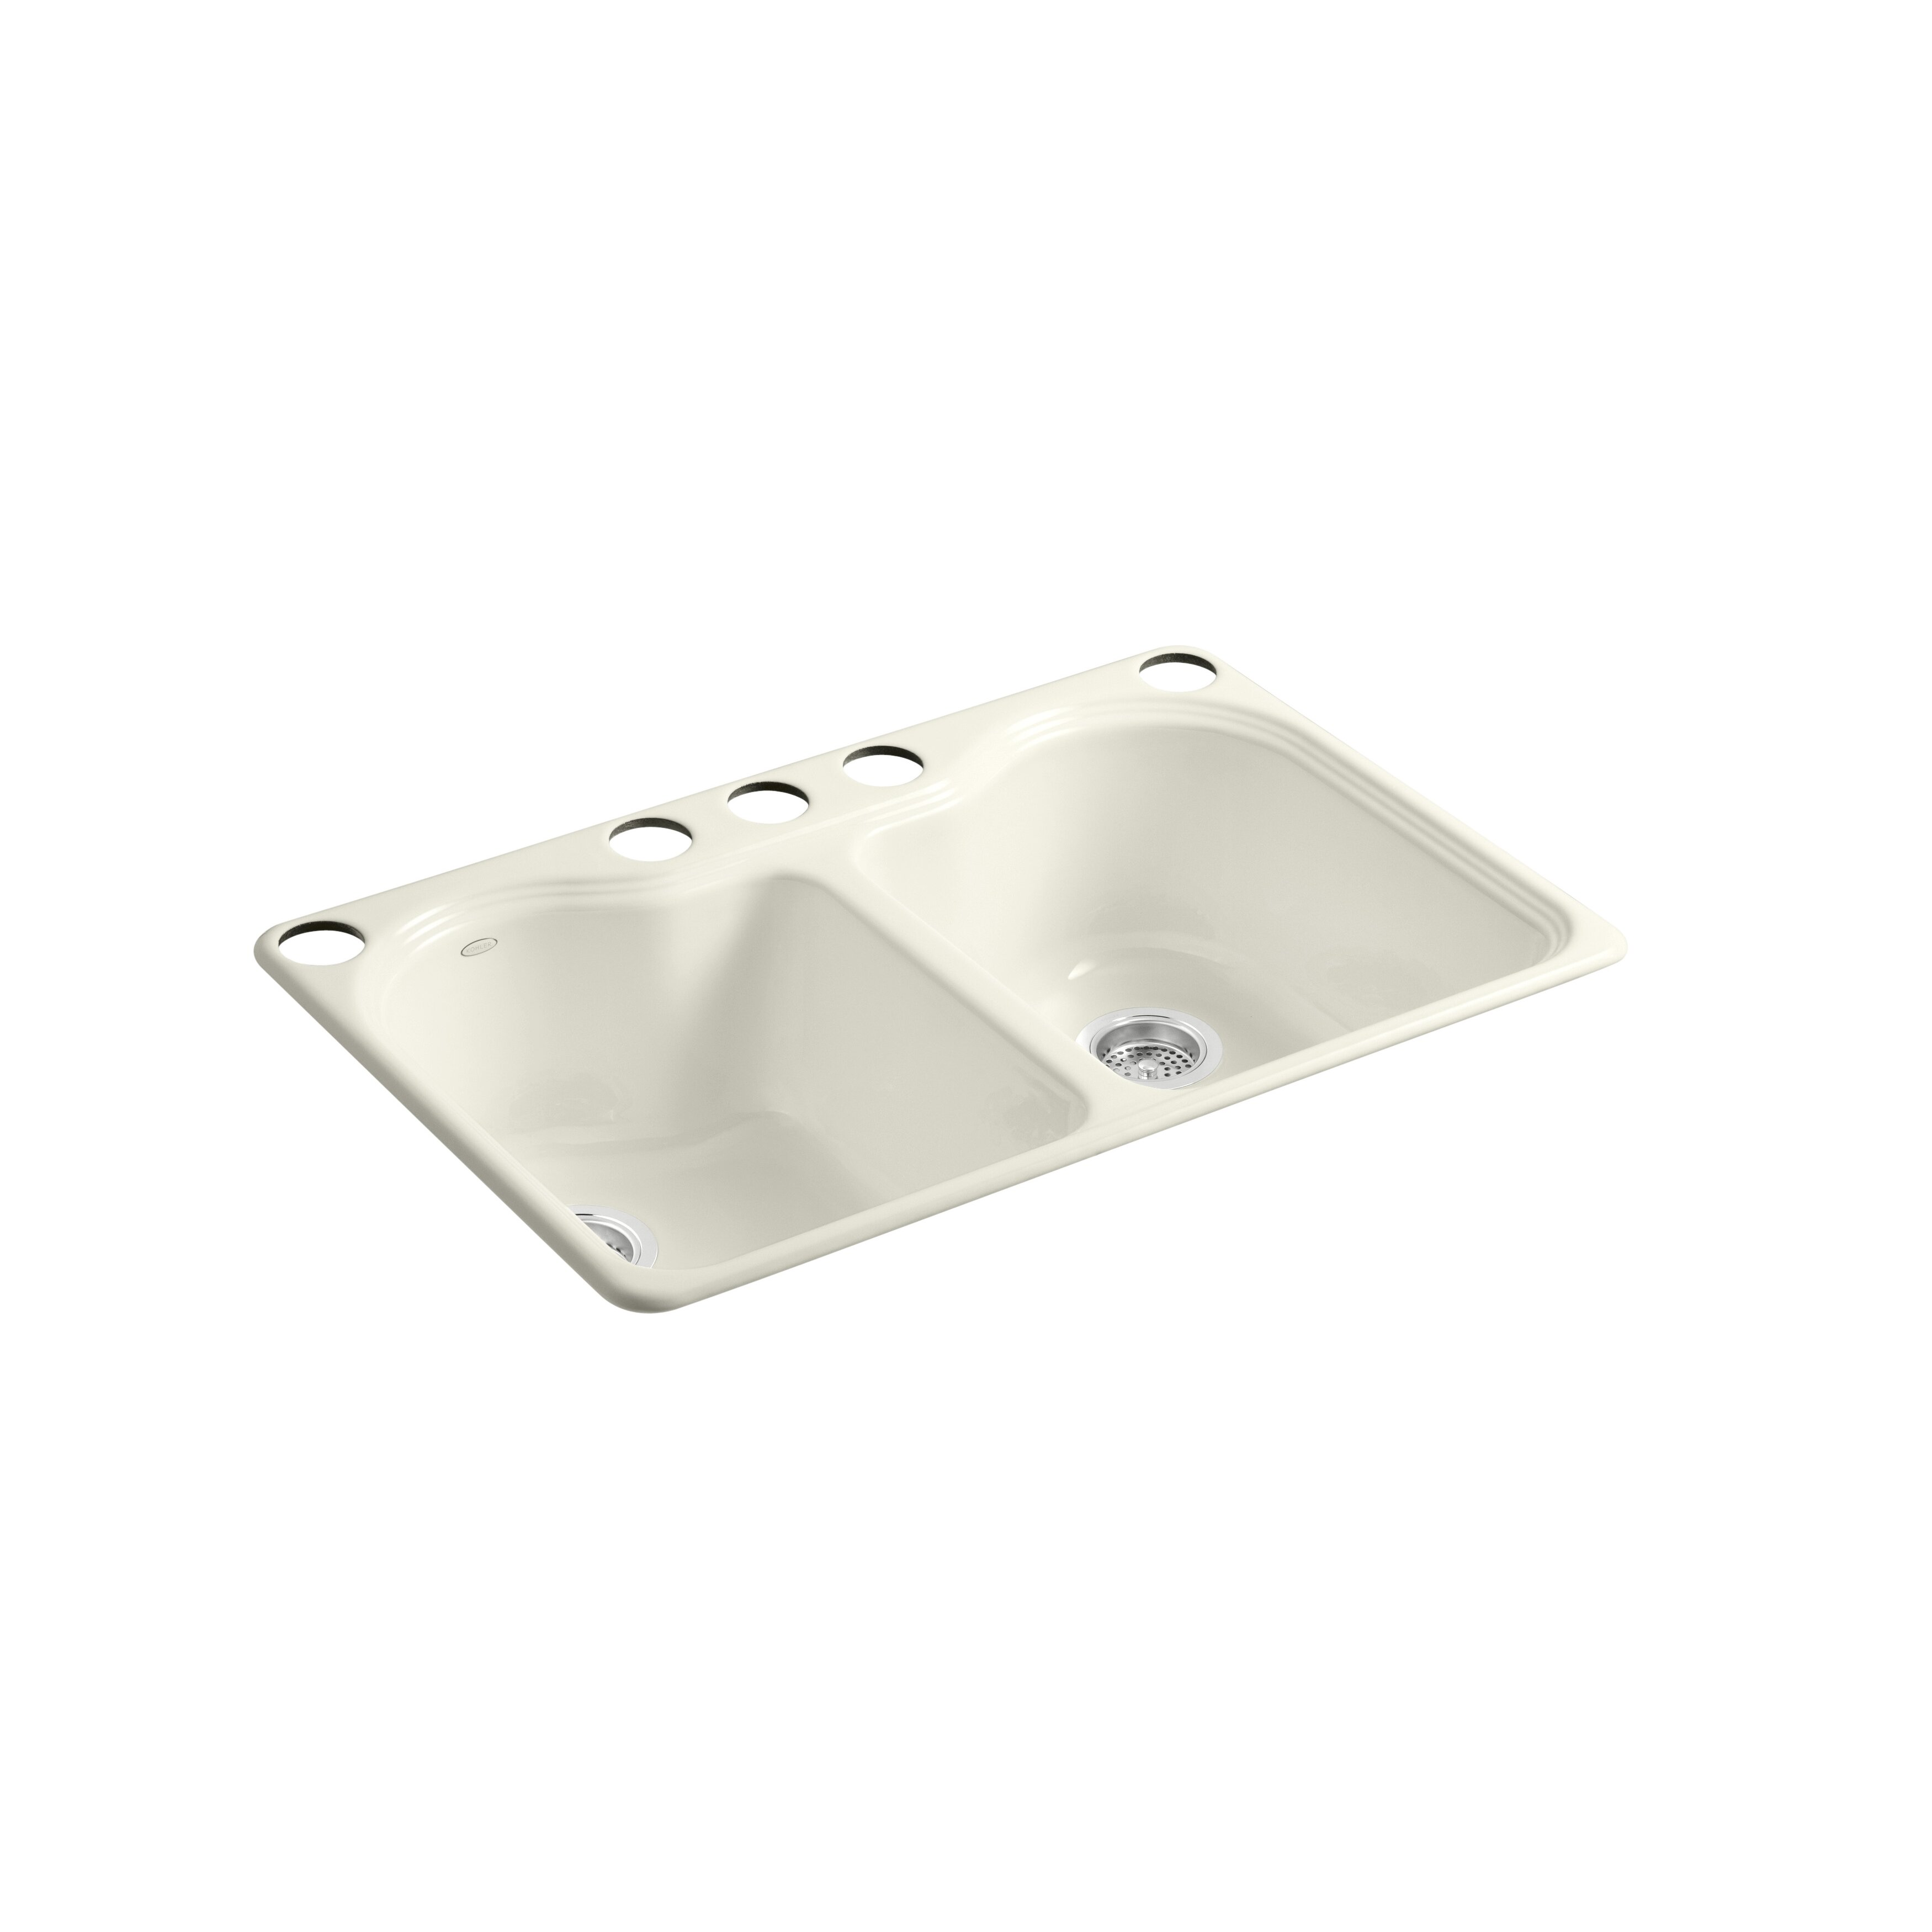 Kohler Sink Protectors : Kohler Hartland 33